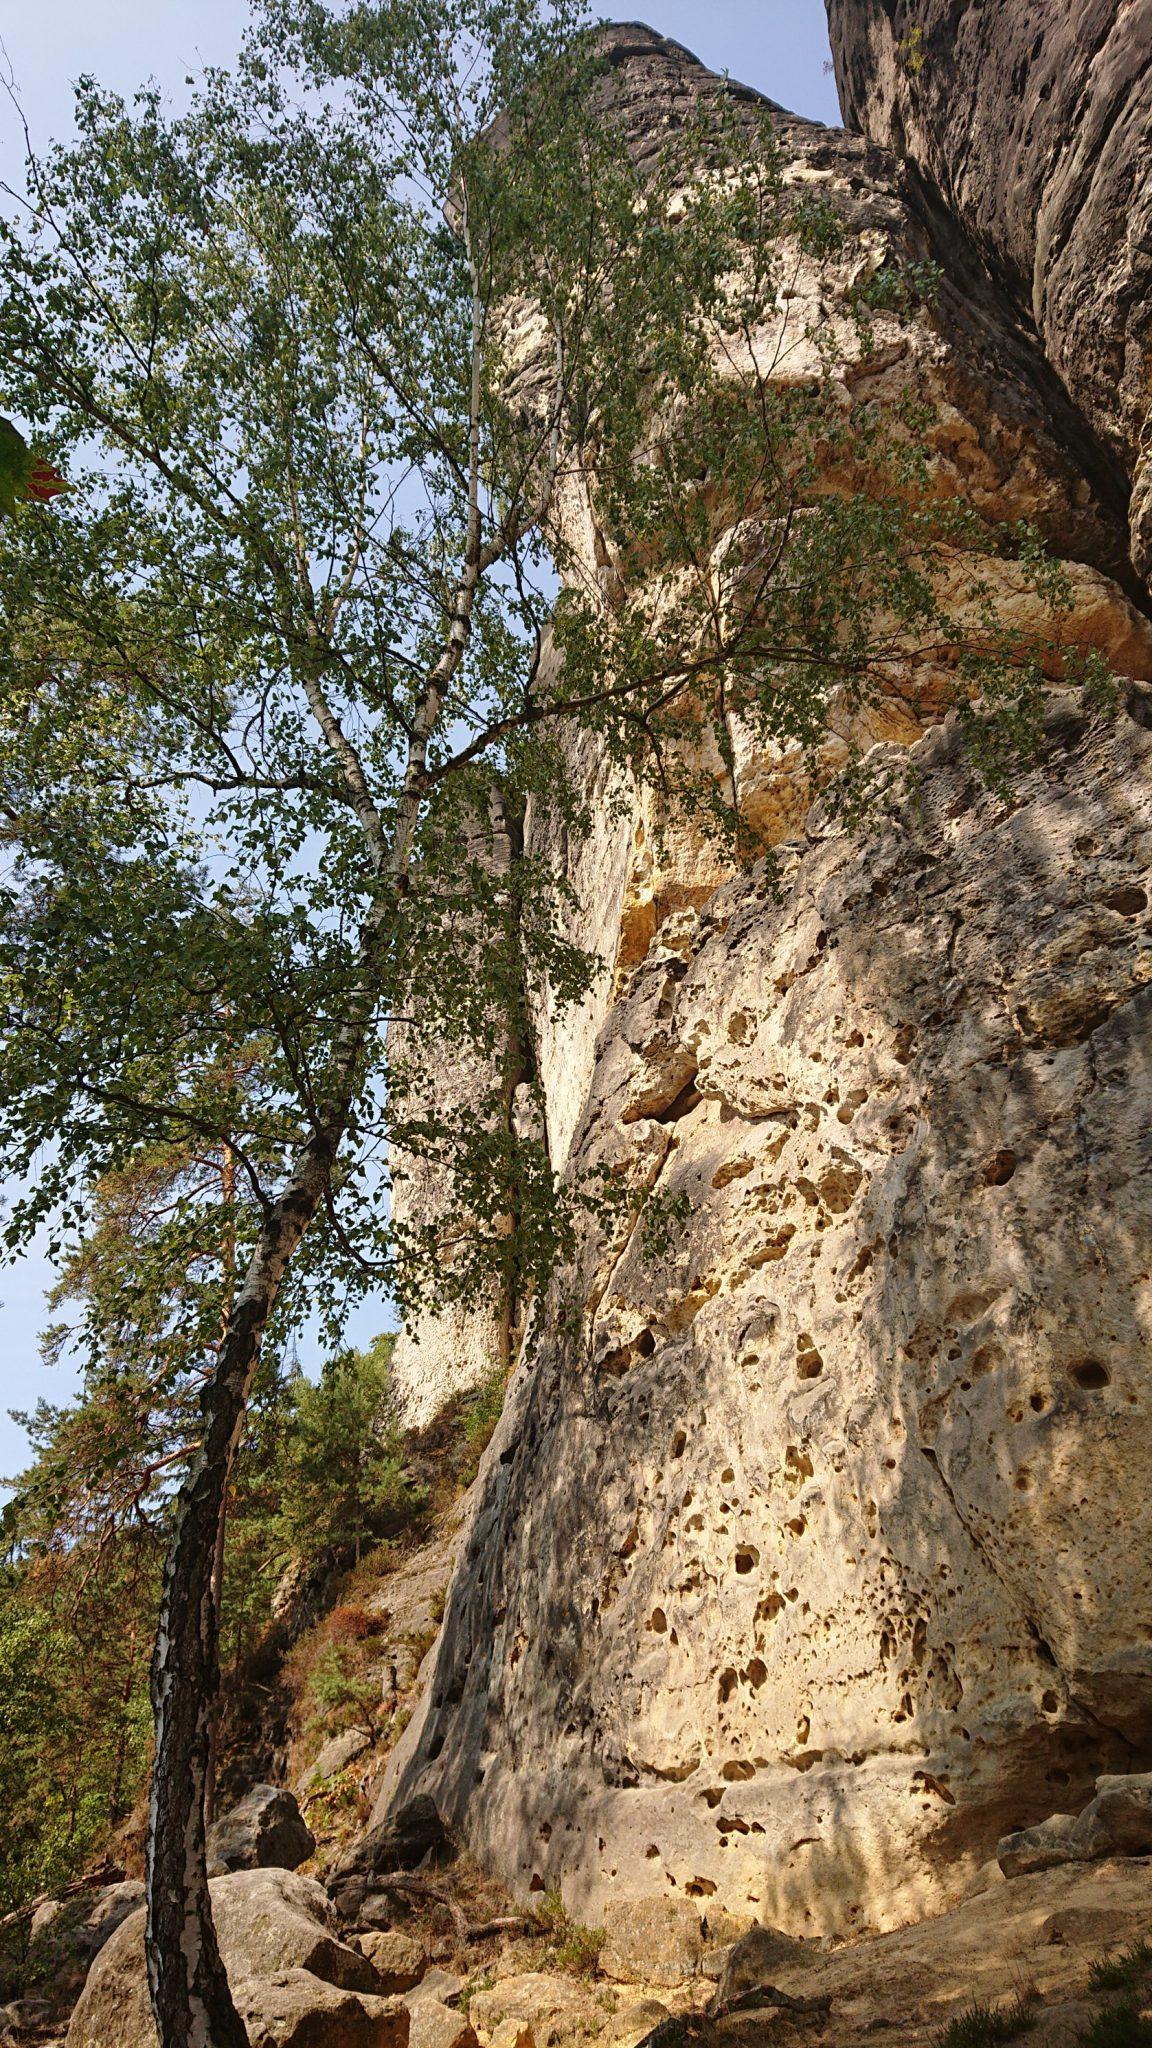 Zeughaus Roß- und Goldsteig Richterschlüchte im Kirnitzschtal wandern, Wanderweg im Wanderparadies Sächsische Schweiz mit vielen tollen Aussichten, riesiger Felsennationalpark, sehr hohe und steile Felsen